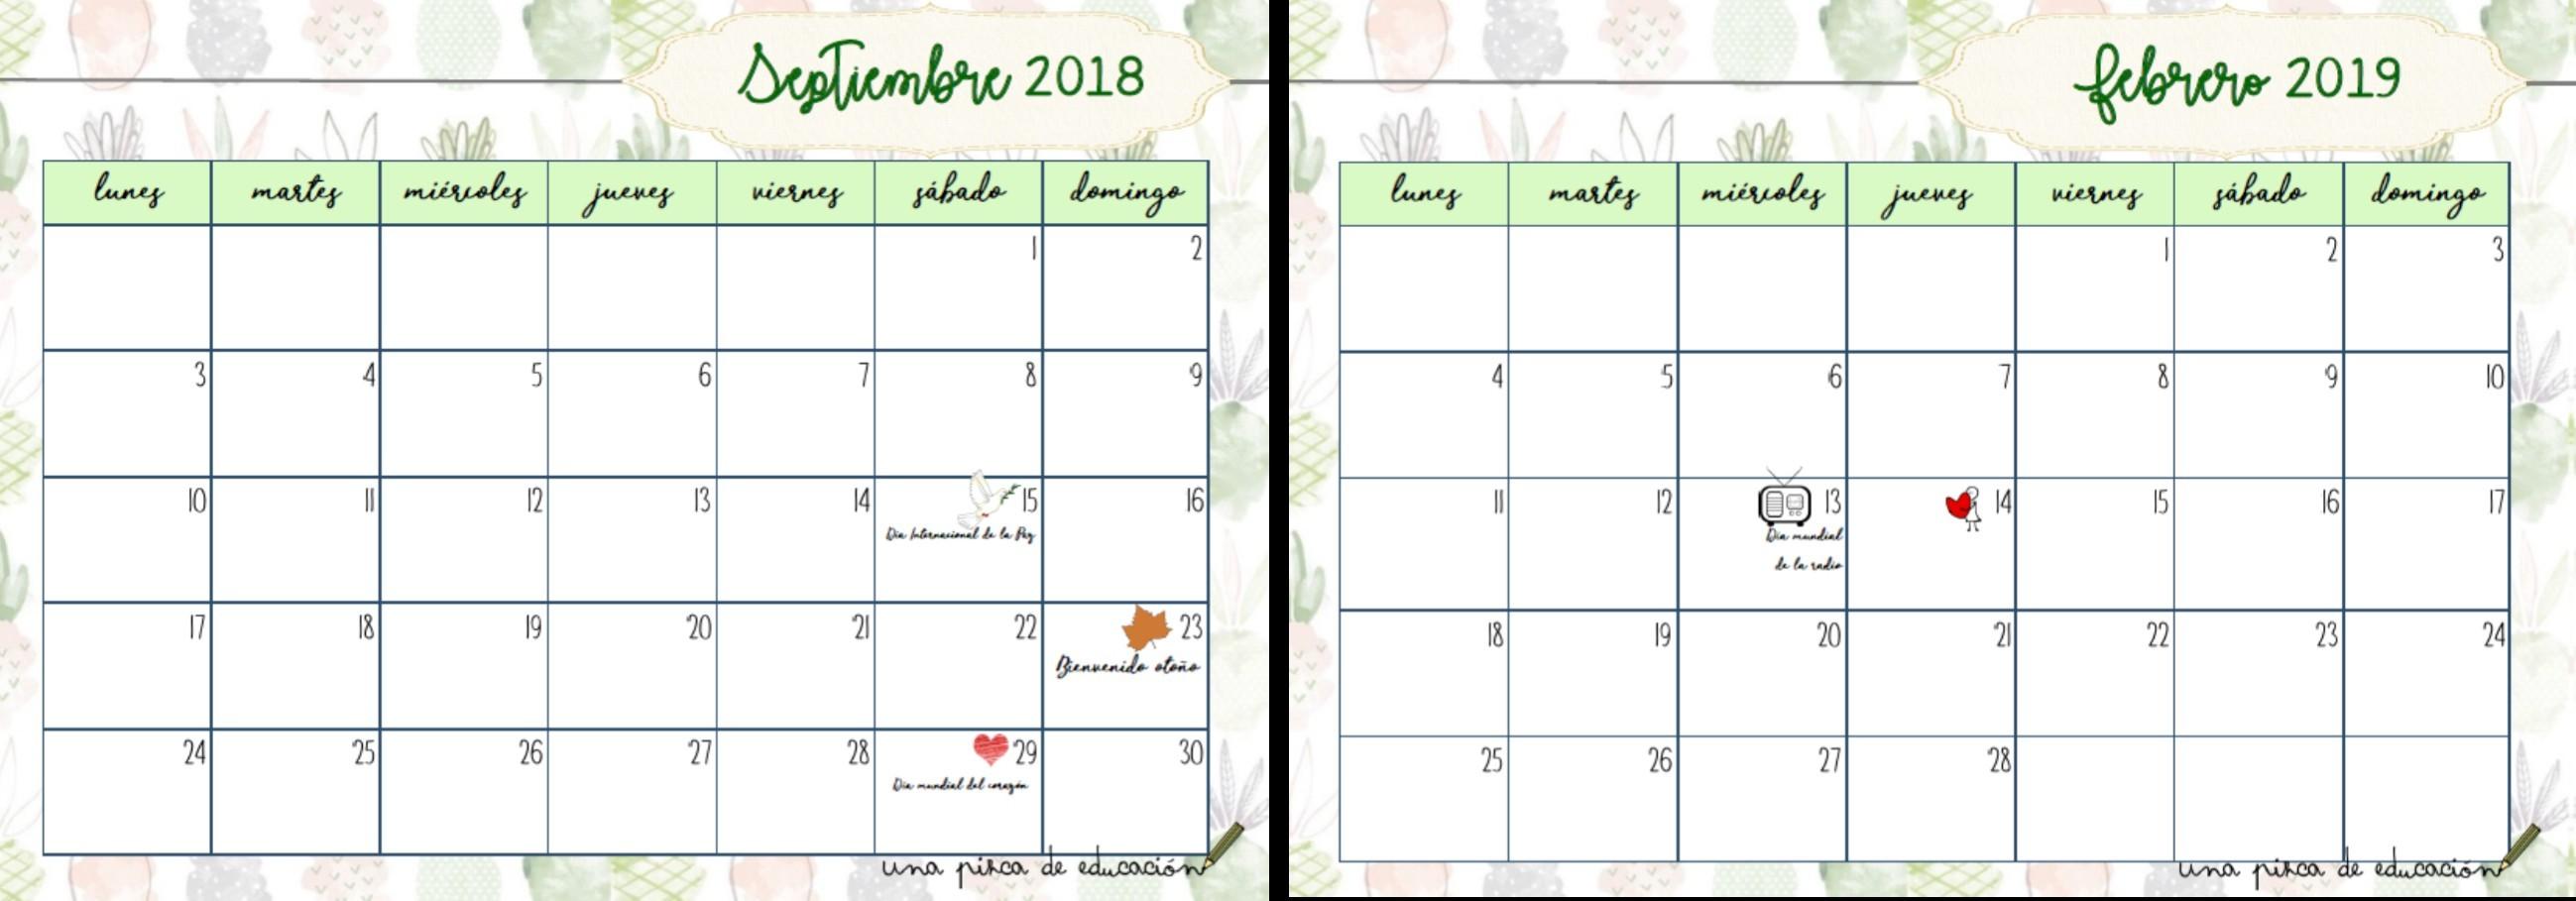 imprimir calendario julio agosto y septiembre 2019 mas recientes calendario para maestros una pizca de educacic2b3n of imprimir calendario julio agosto y septiembre 2019